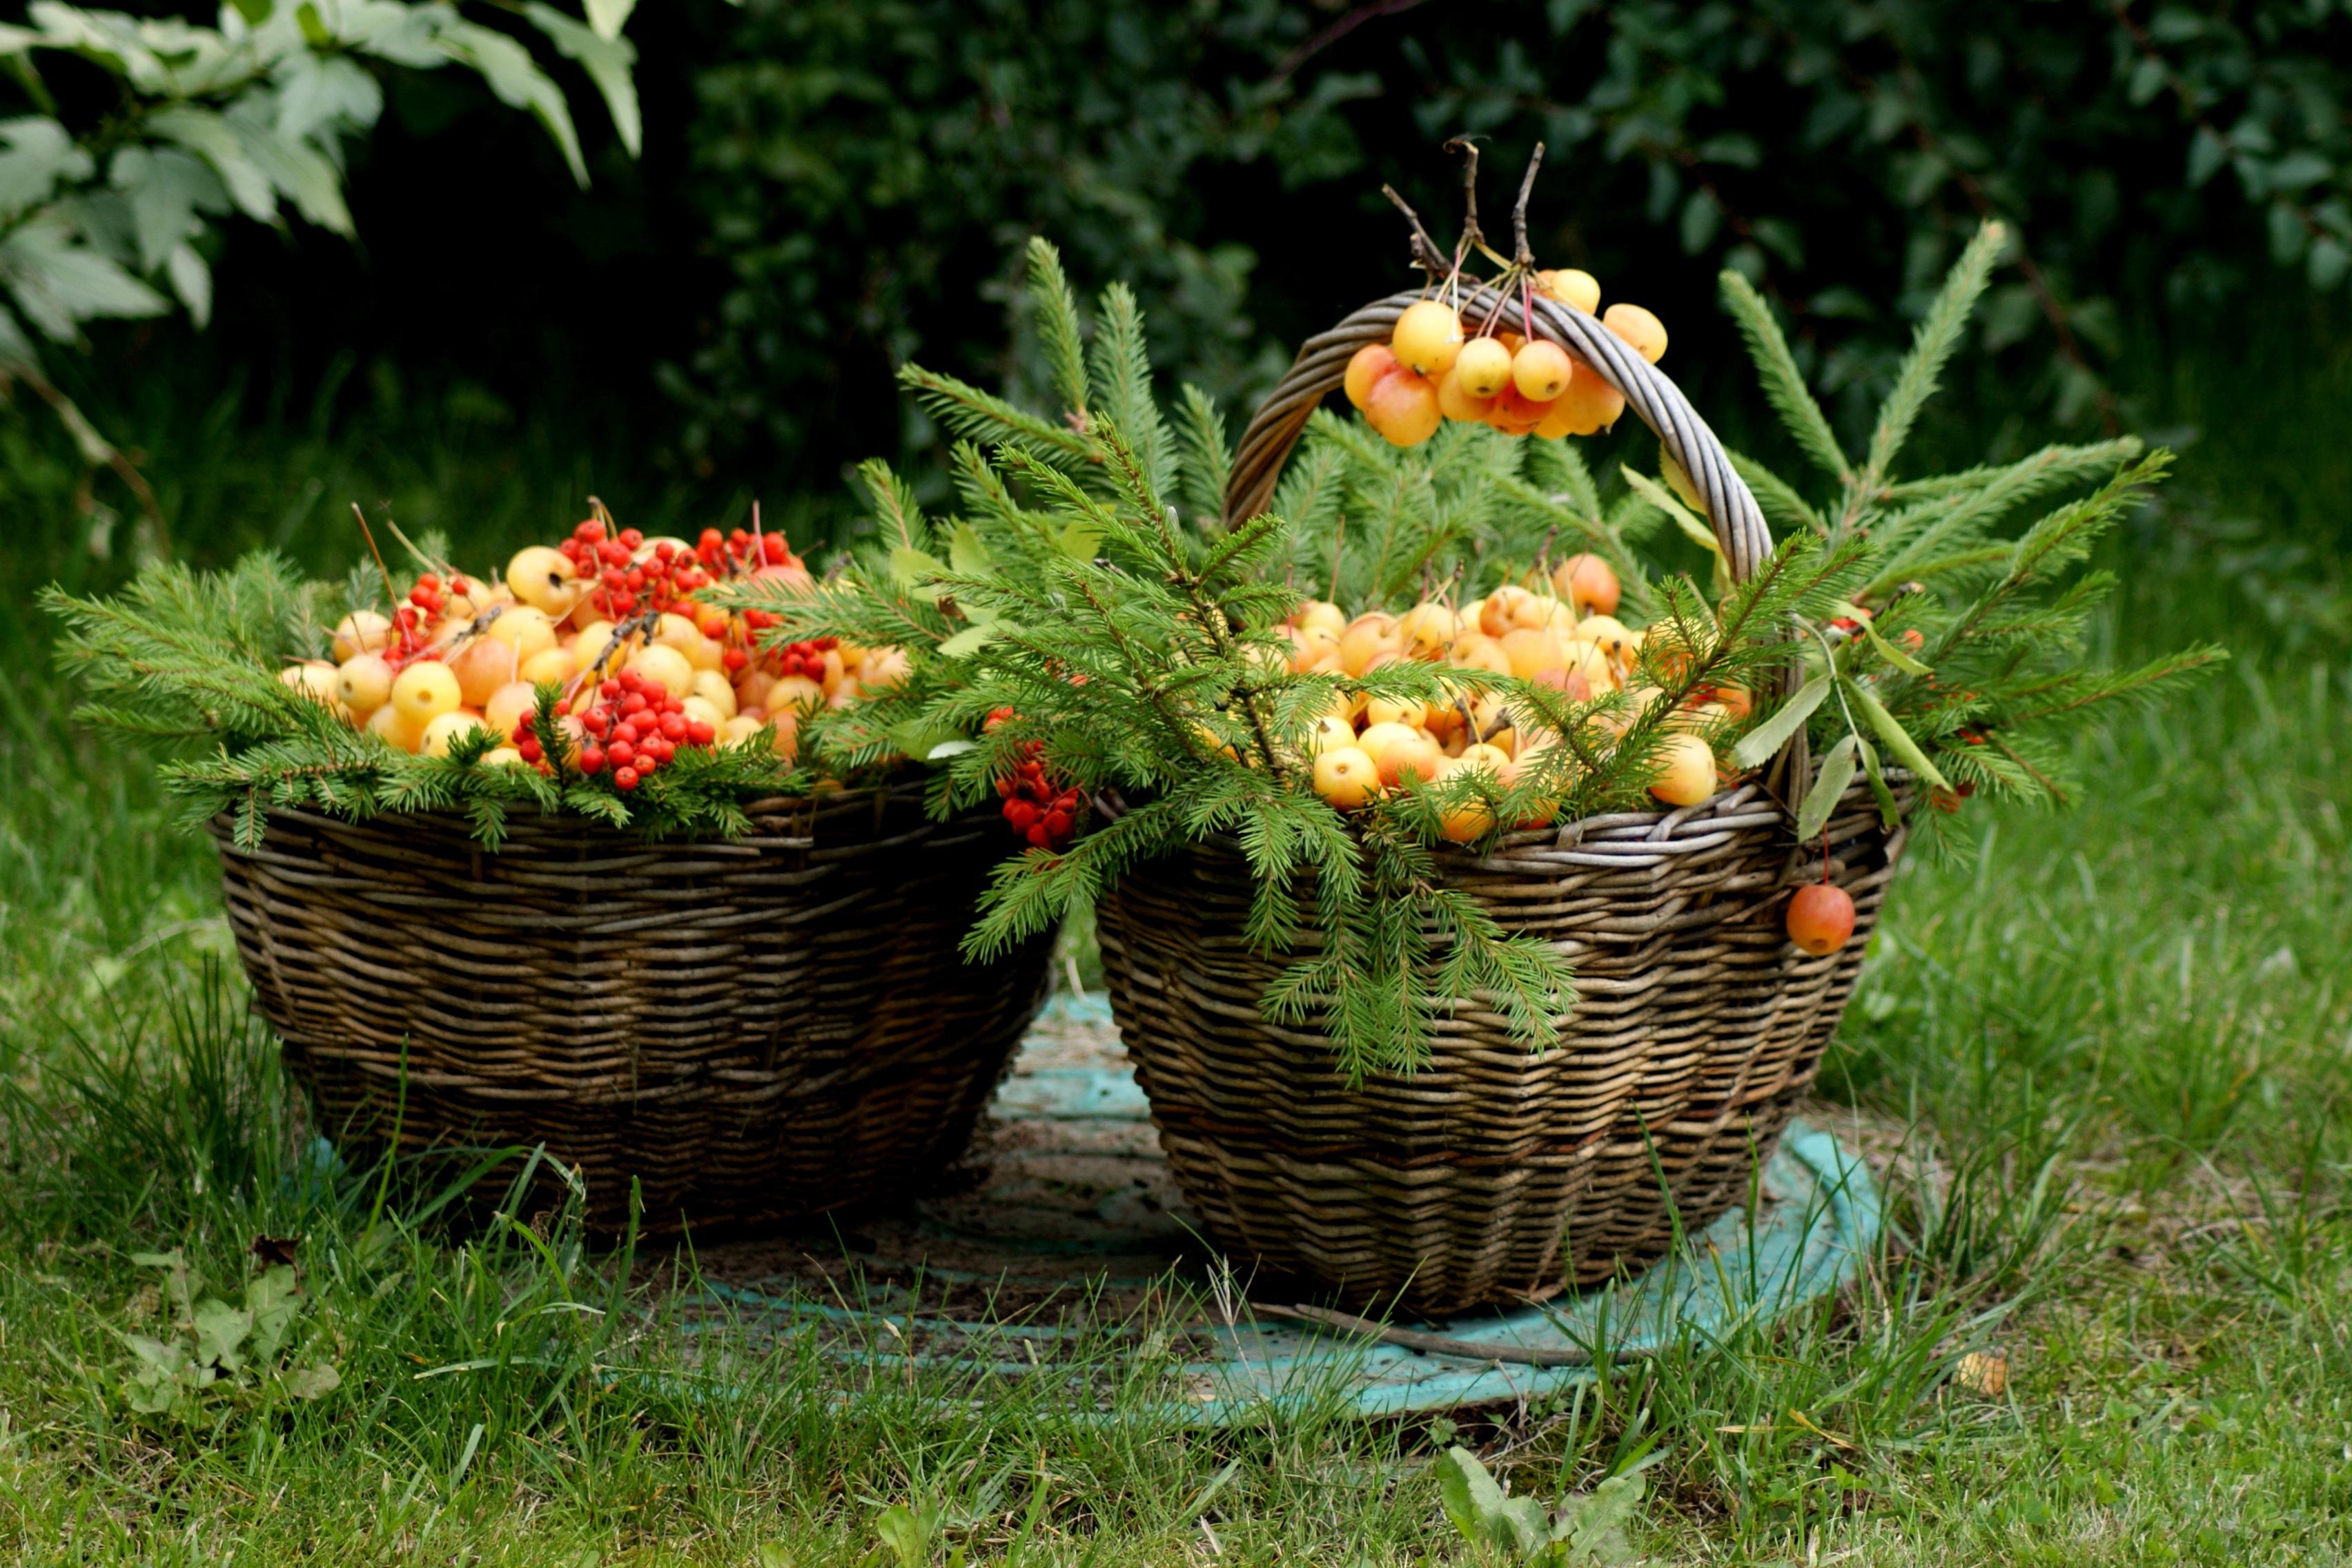 вы, корзина с ягодами и цветами фото удобное время перезвоним